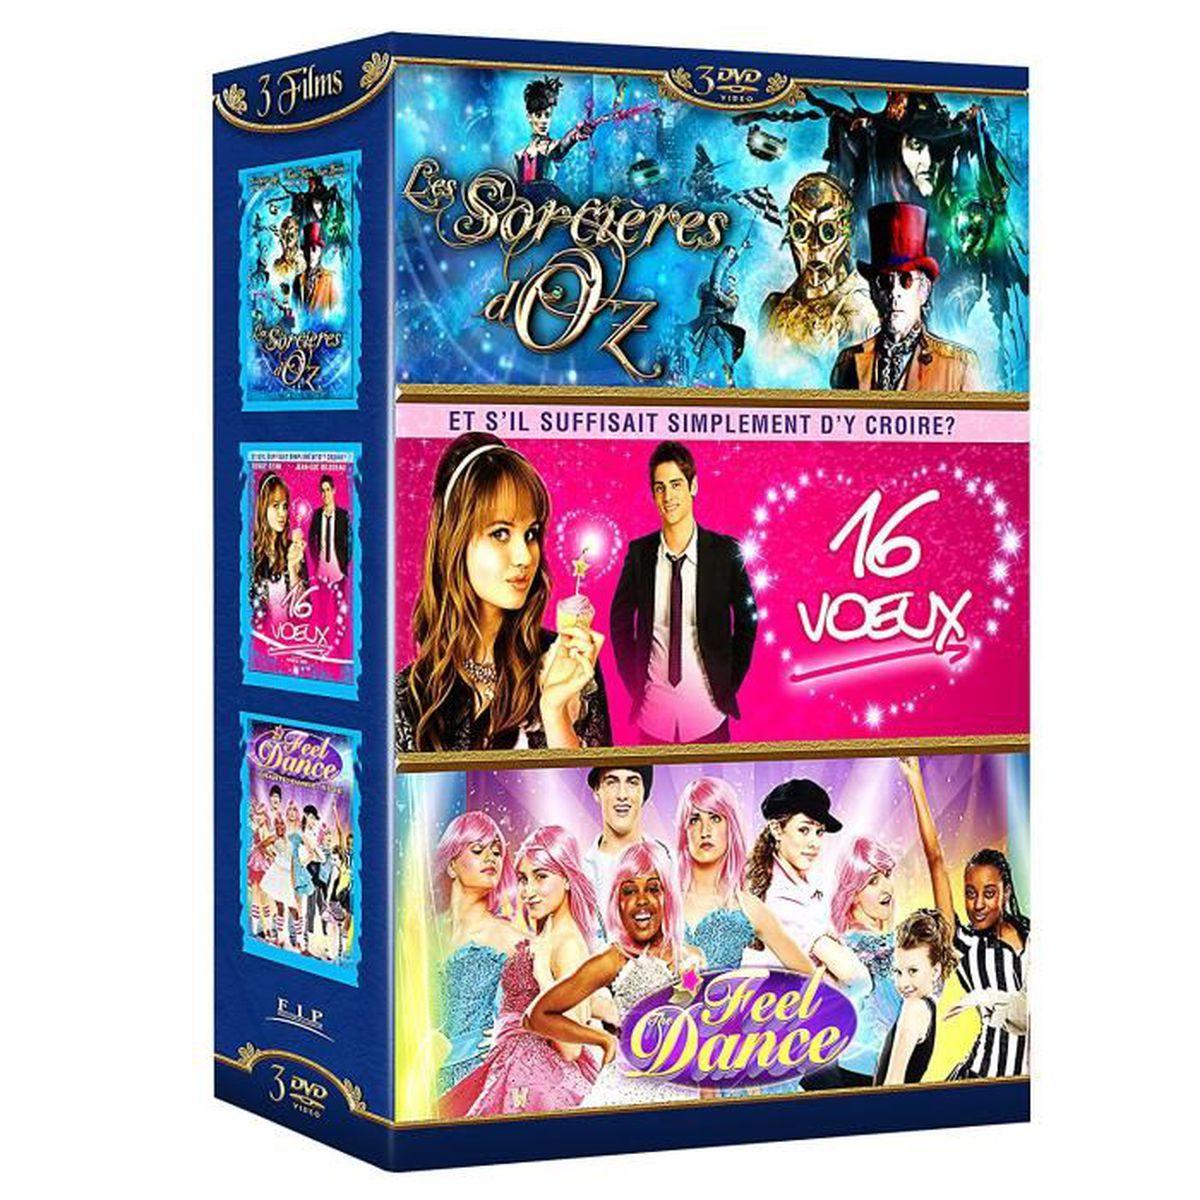 DVD FILM Coffret DVD Les Sorcières d'Oz + 16 voeux + Feel t